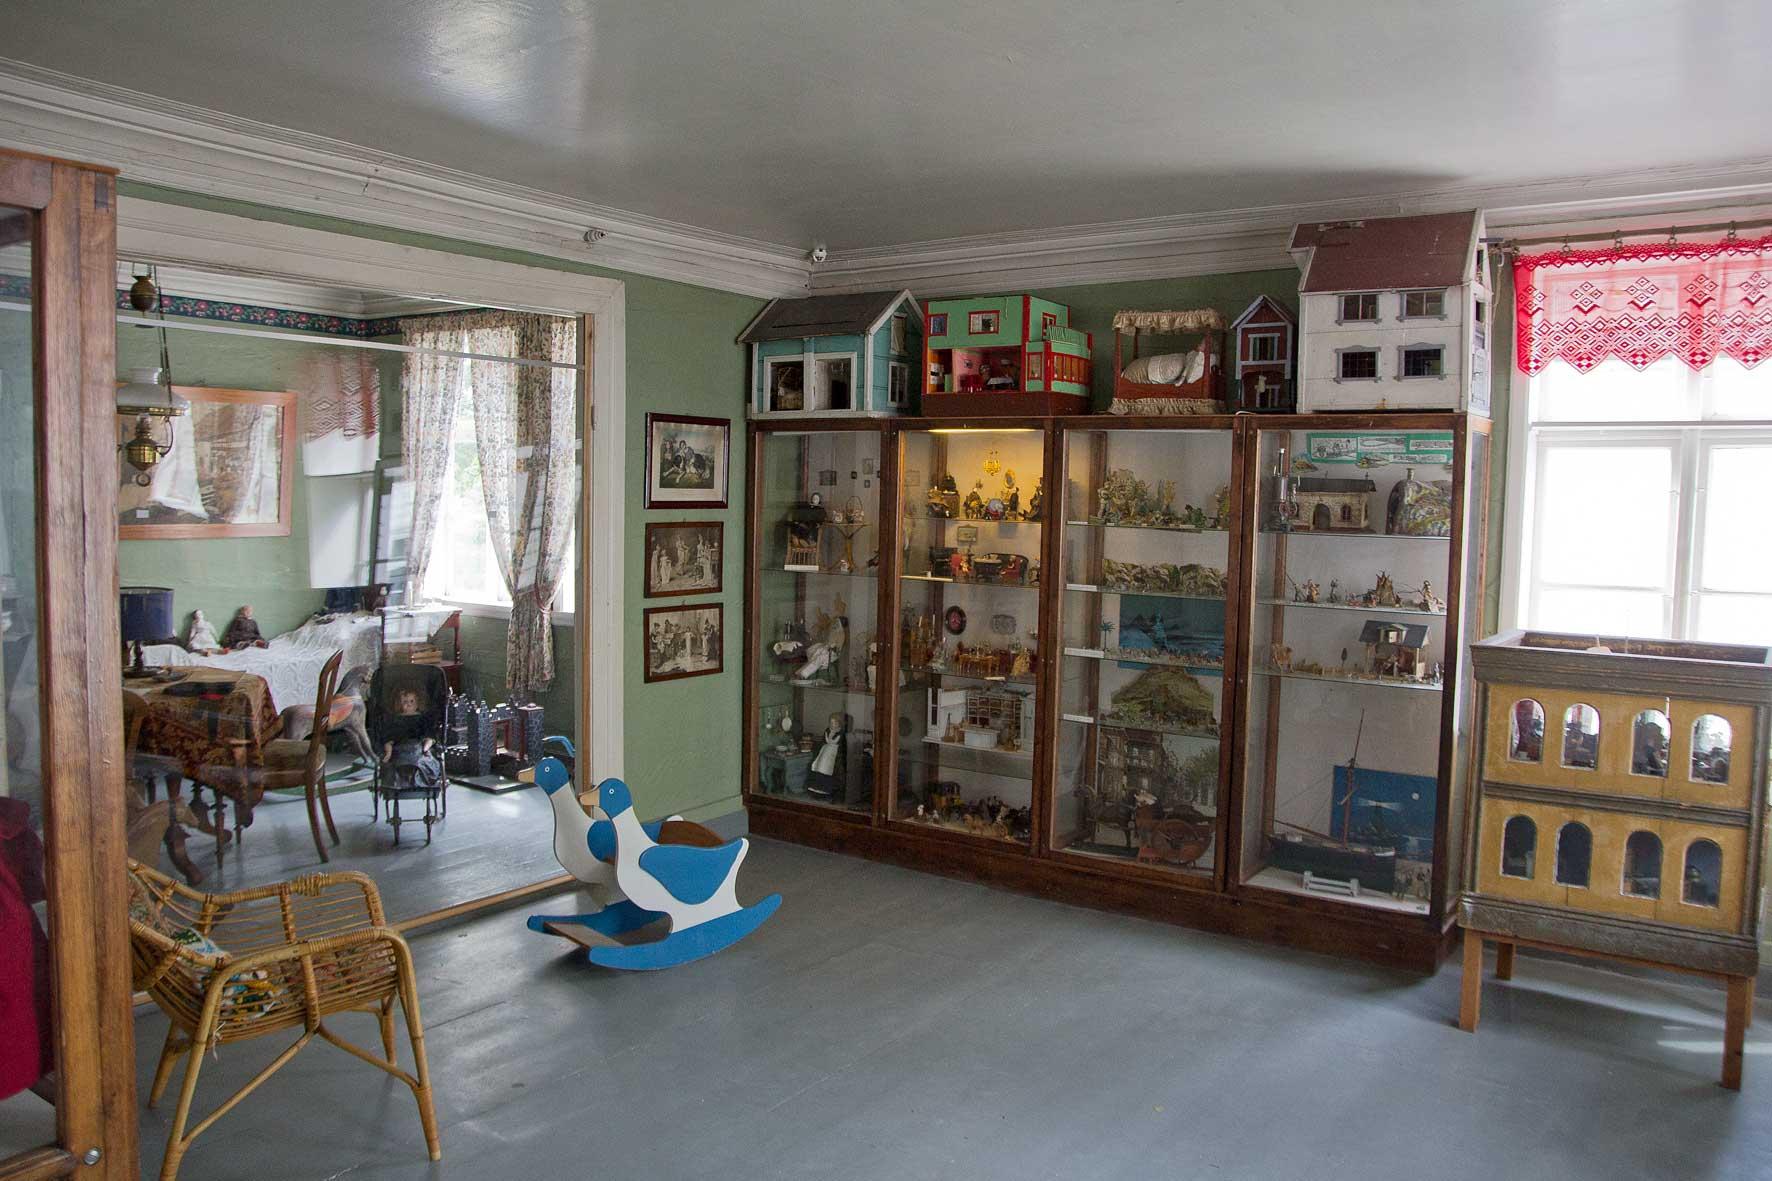 Historisches Spielzeug in Gammle Bergen